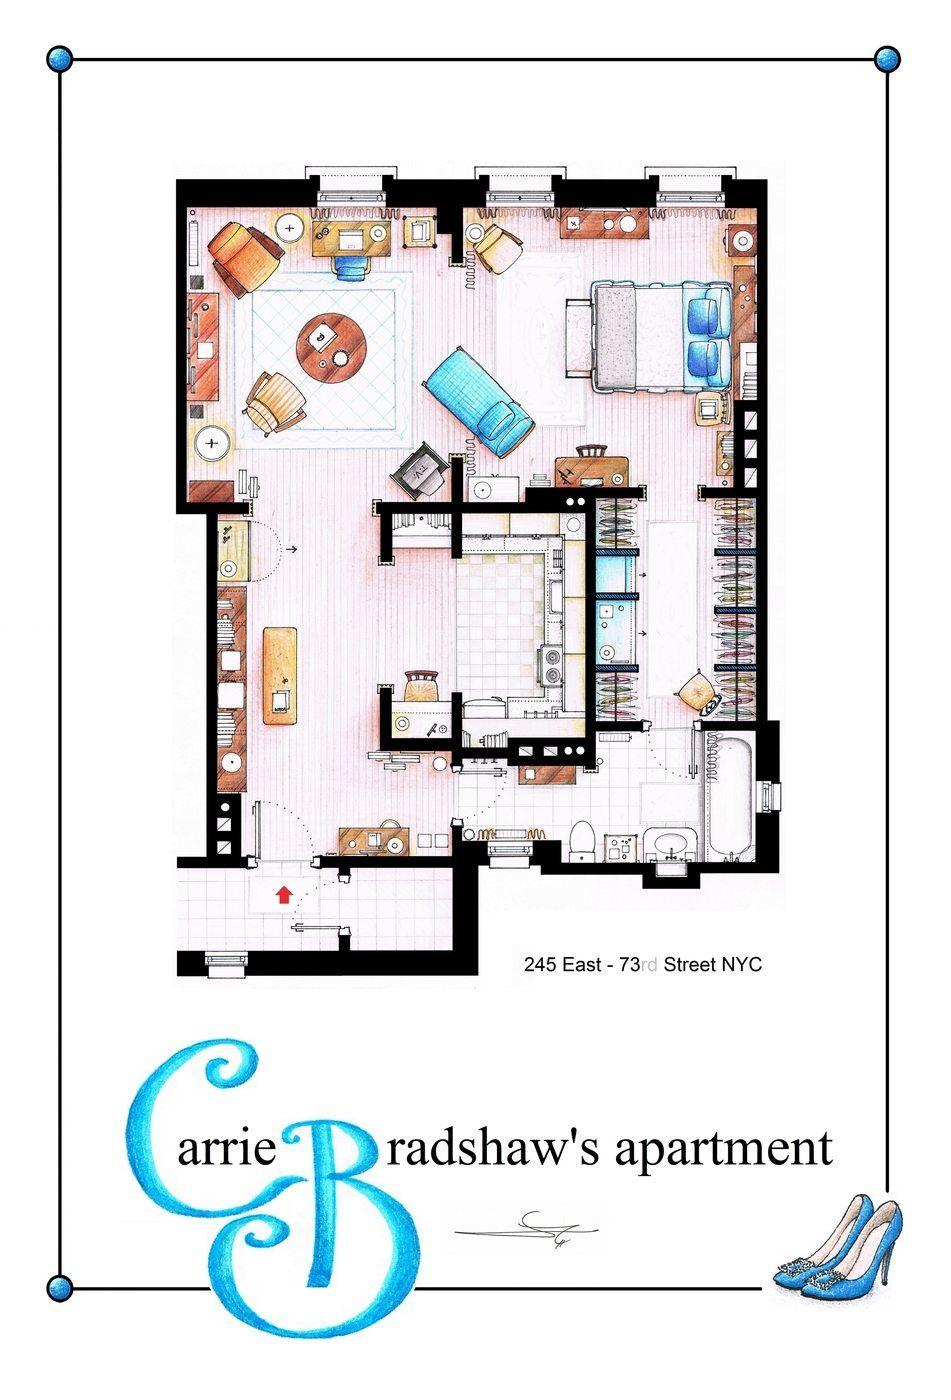 El apartamento de carrie bradshaw en sexo en nueva york - Piso carrie bradshaw ...